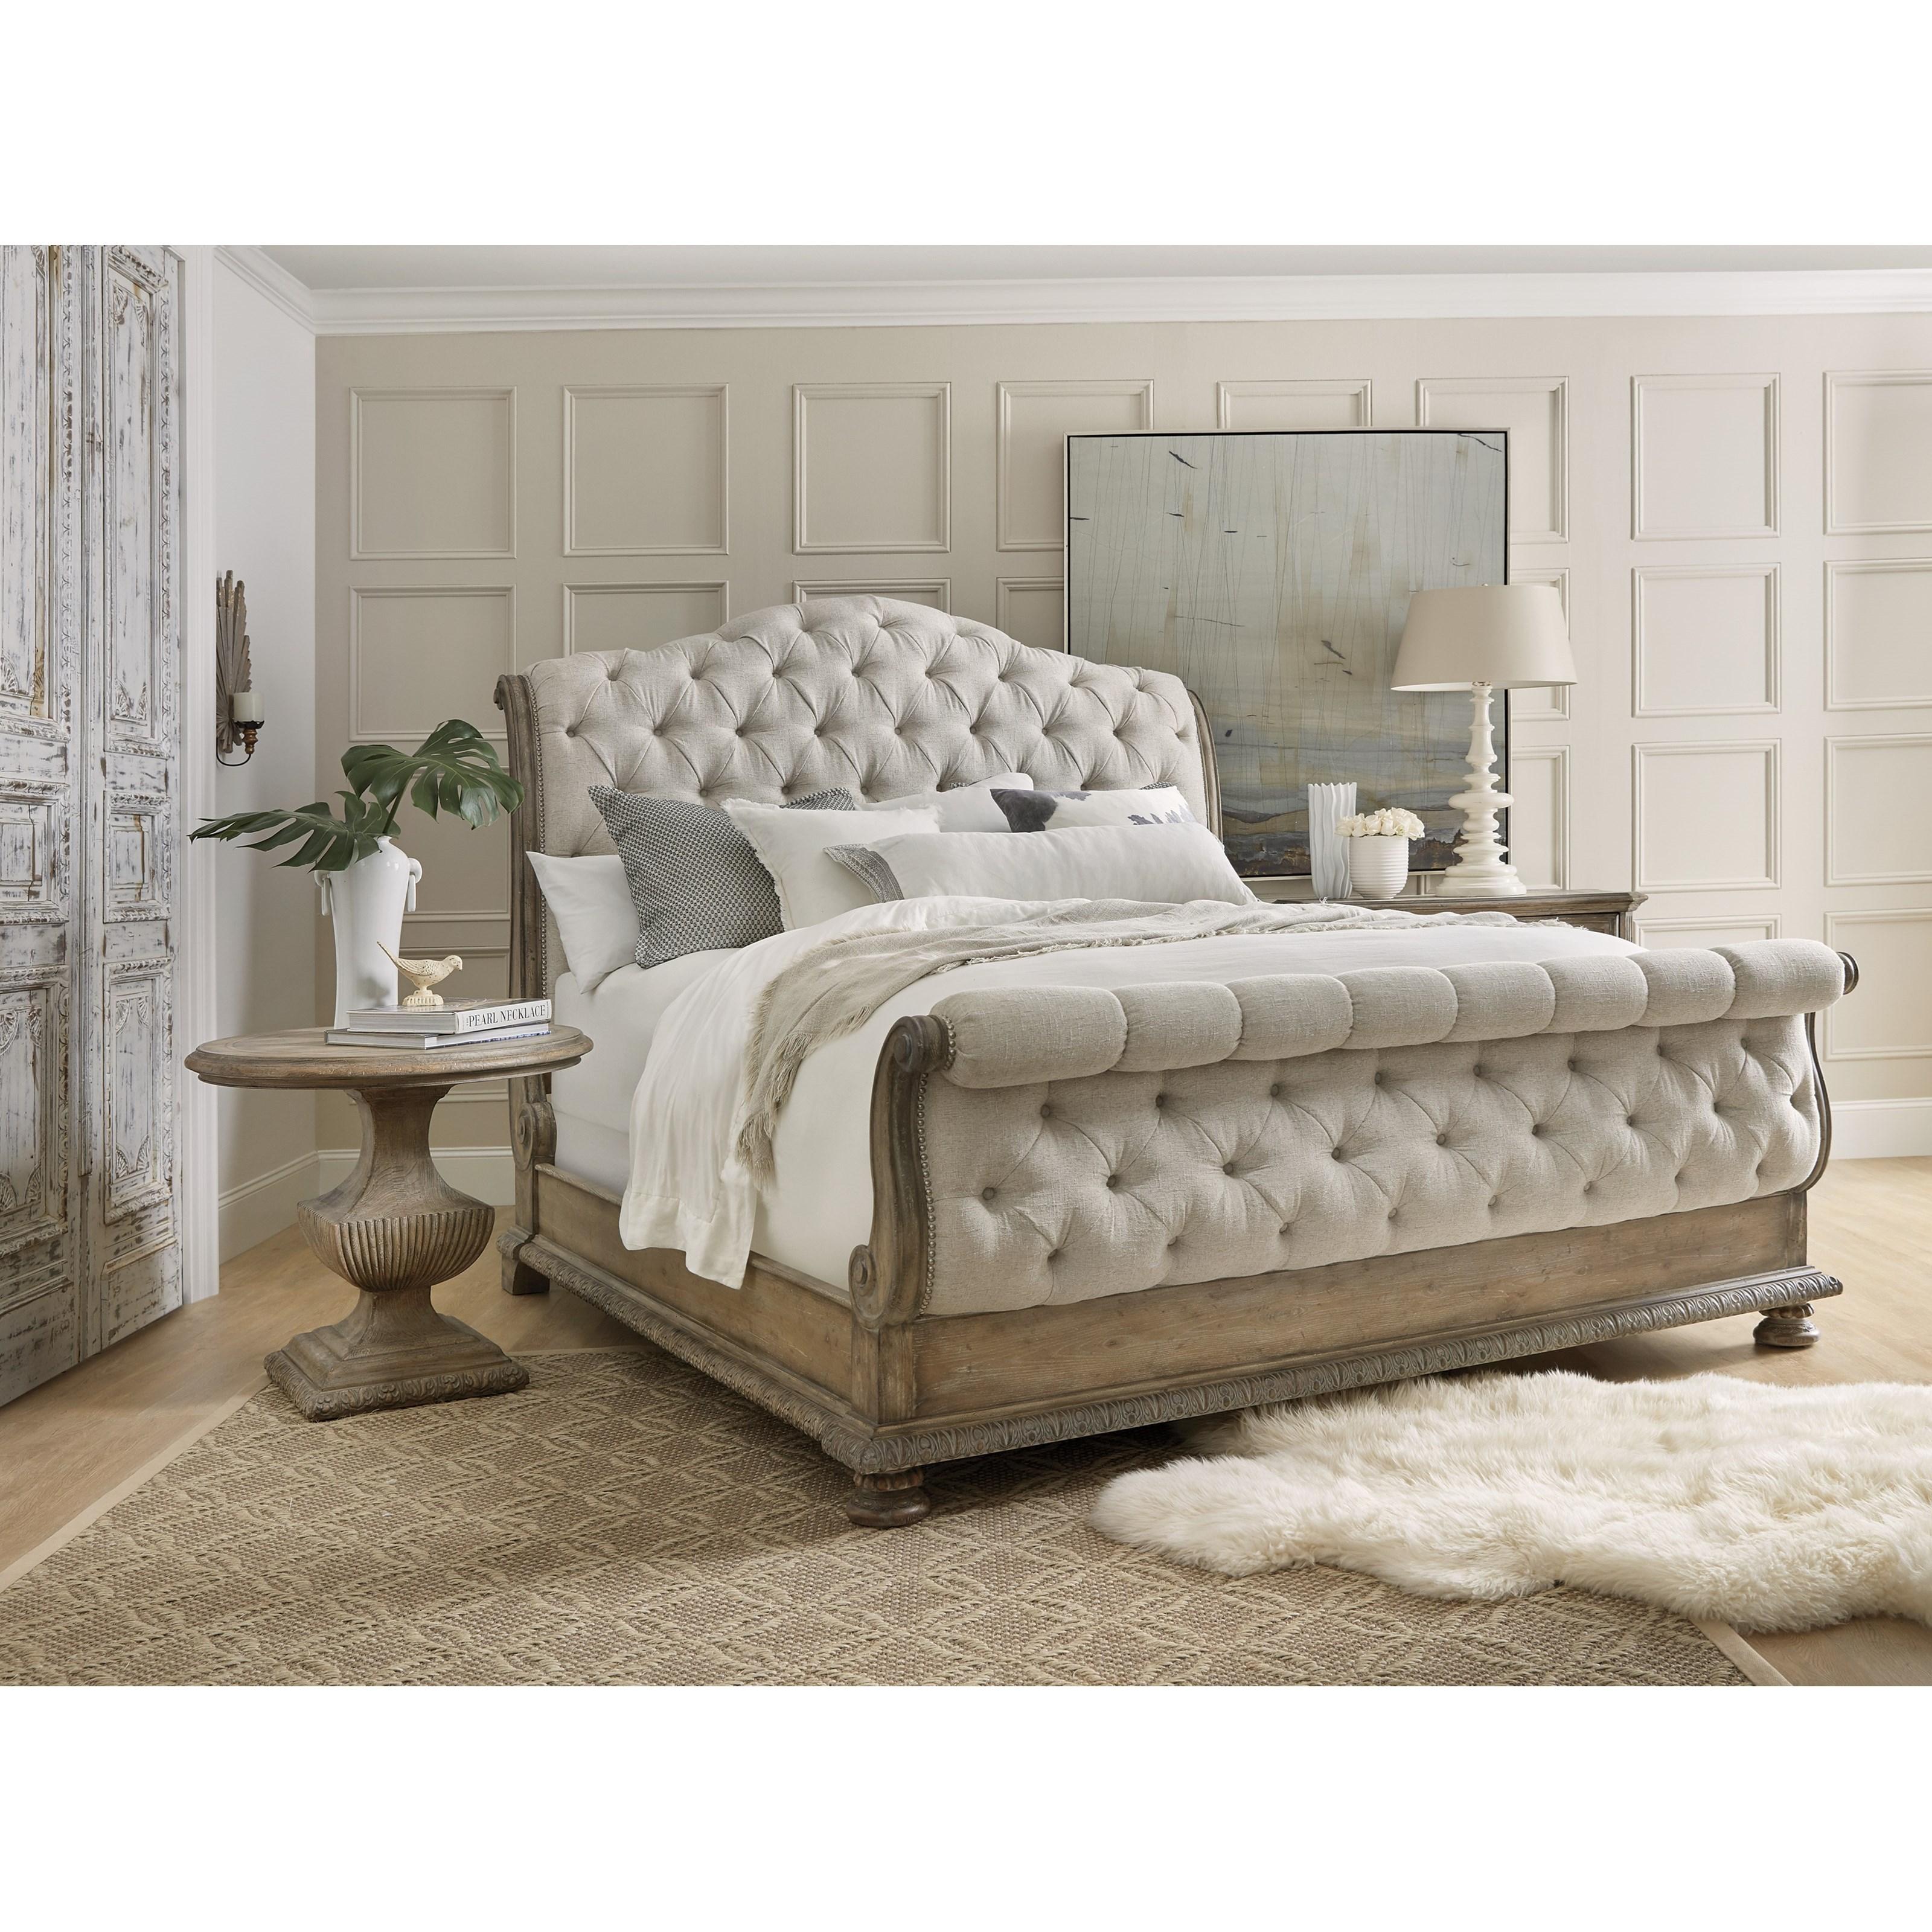 zak s furniture